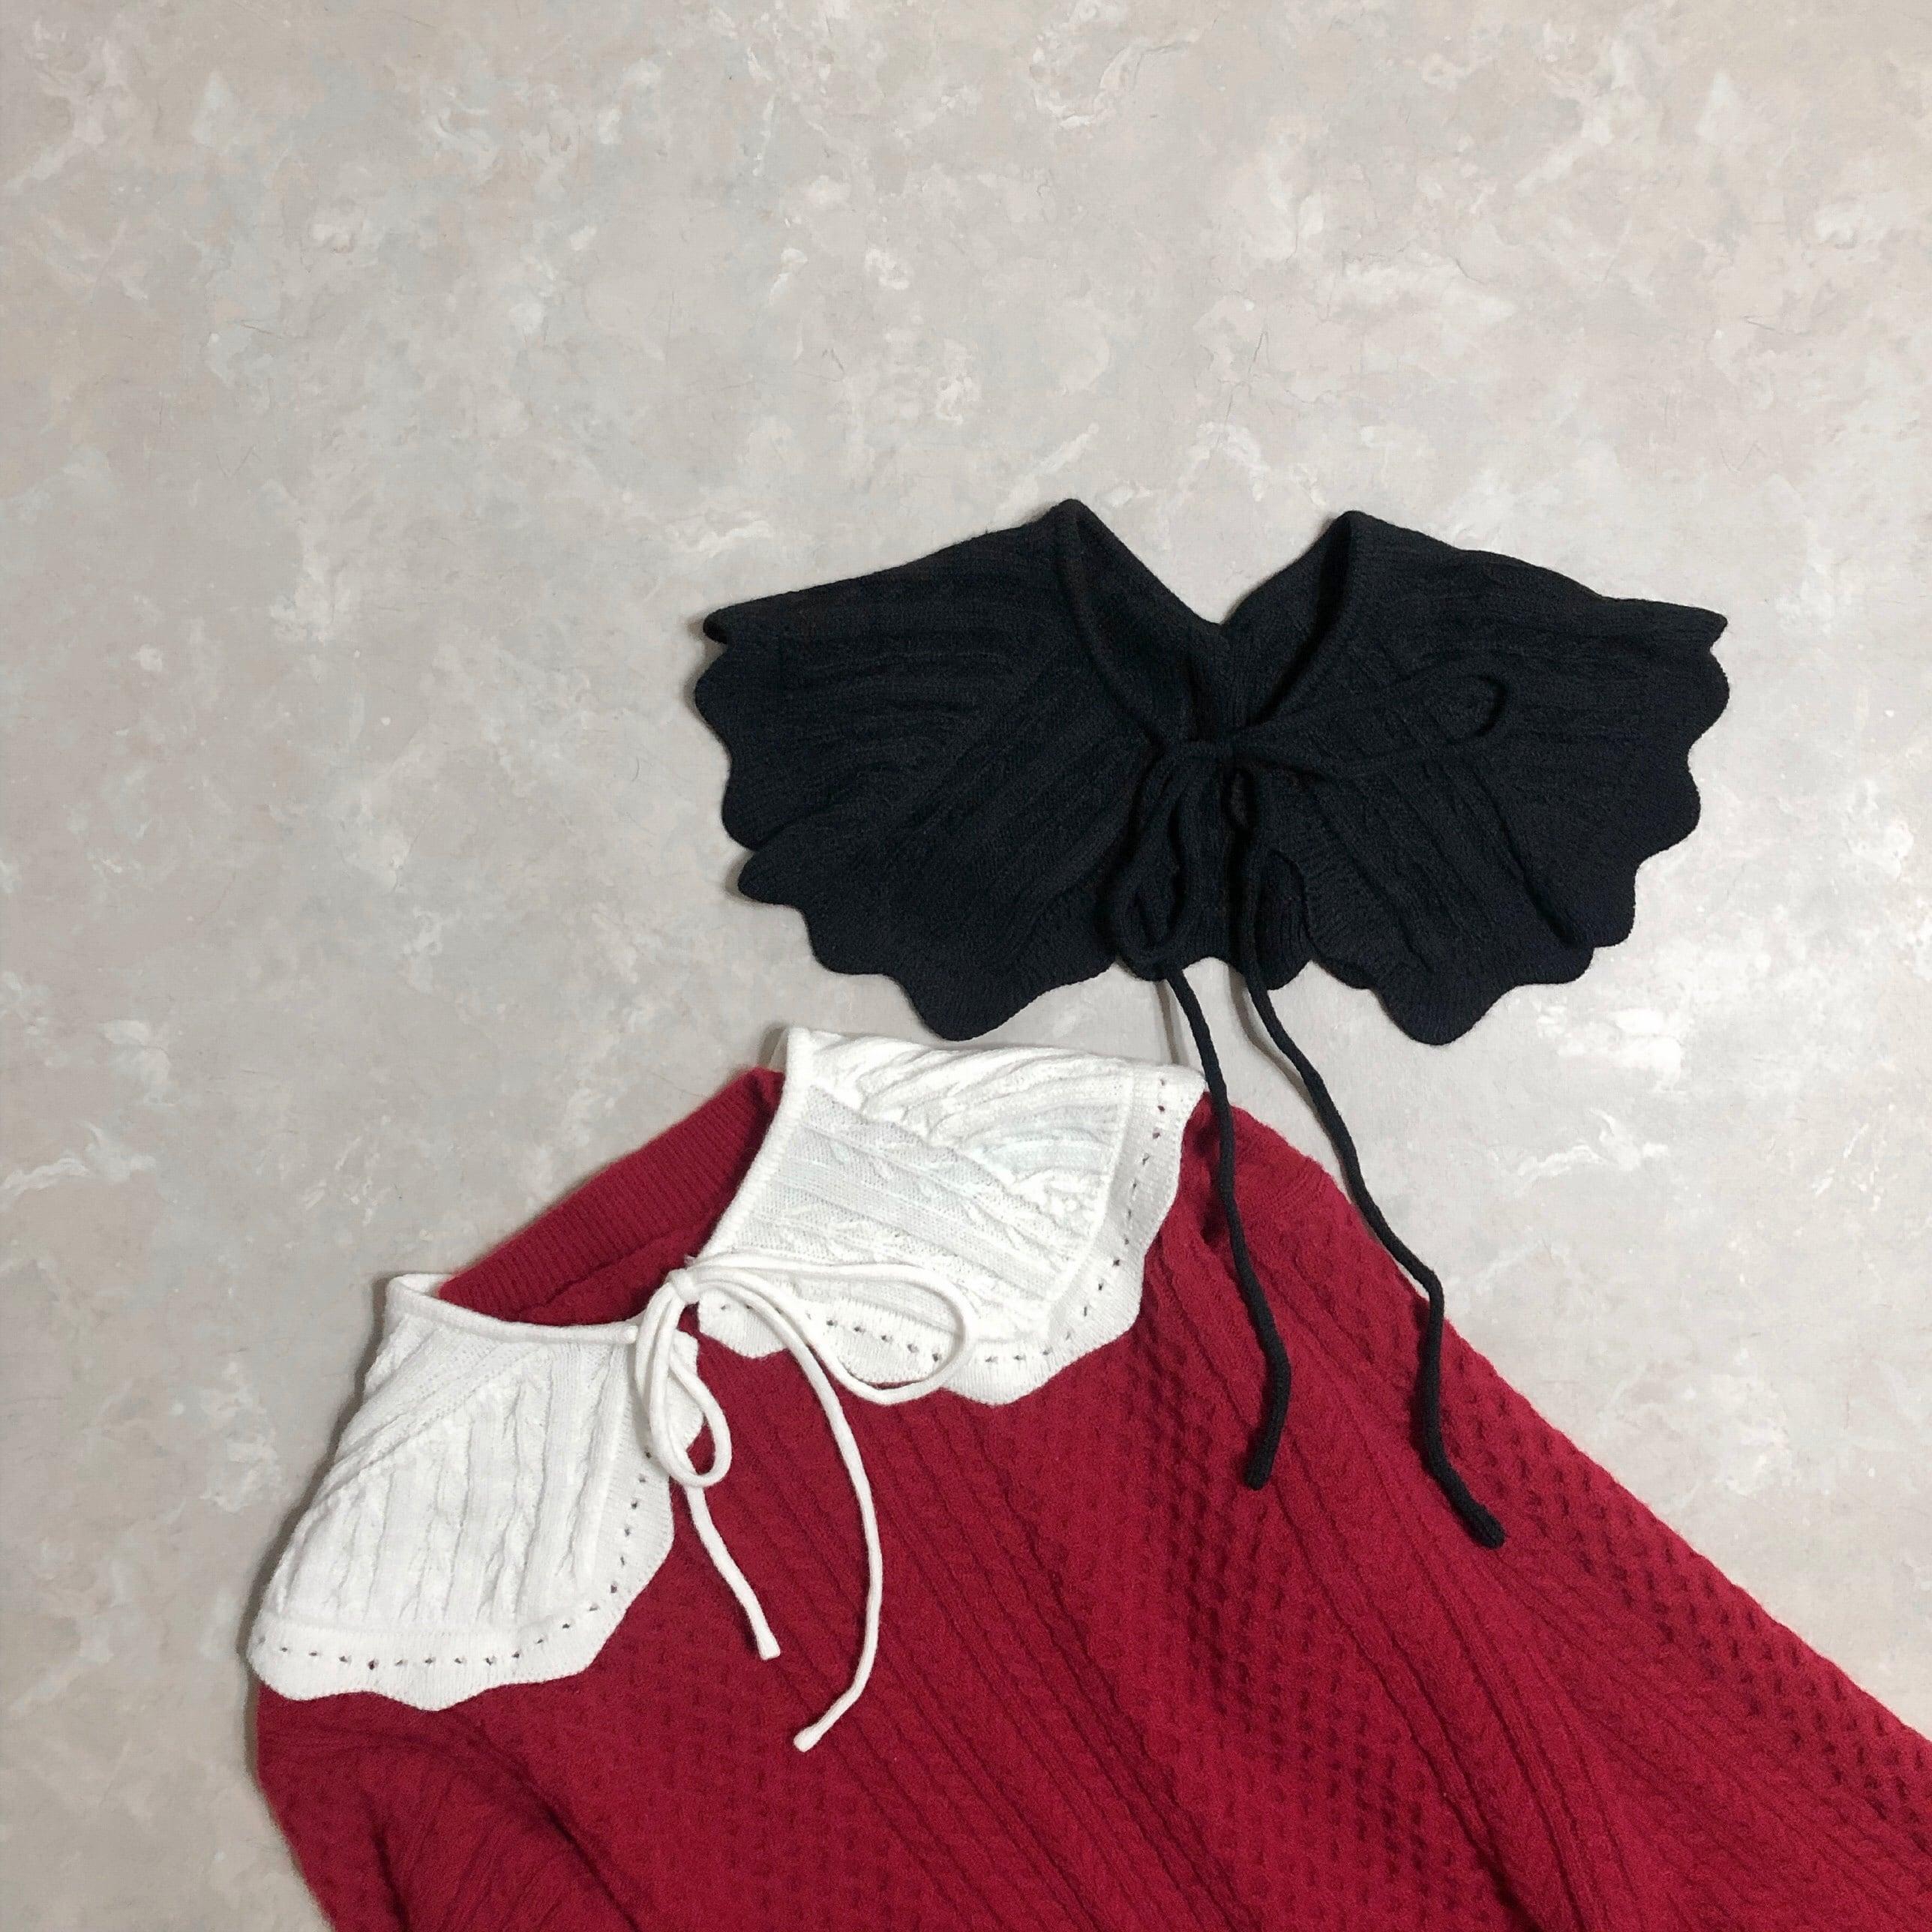 【即納】ニット付け襟-2color-